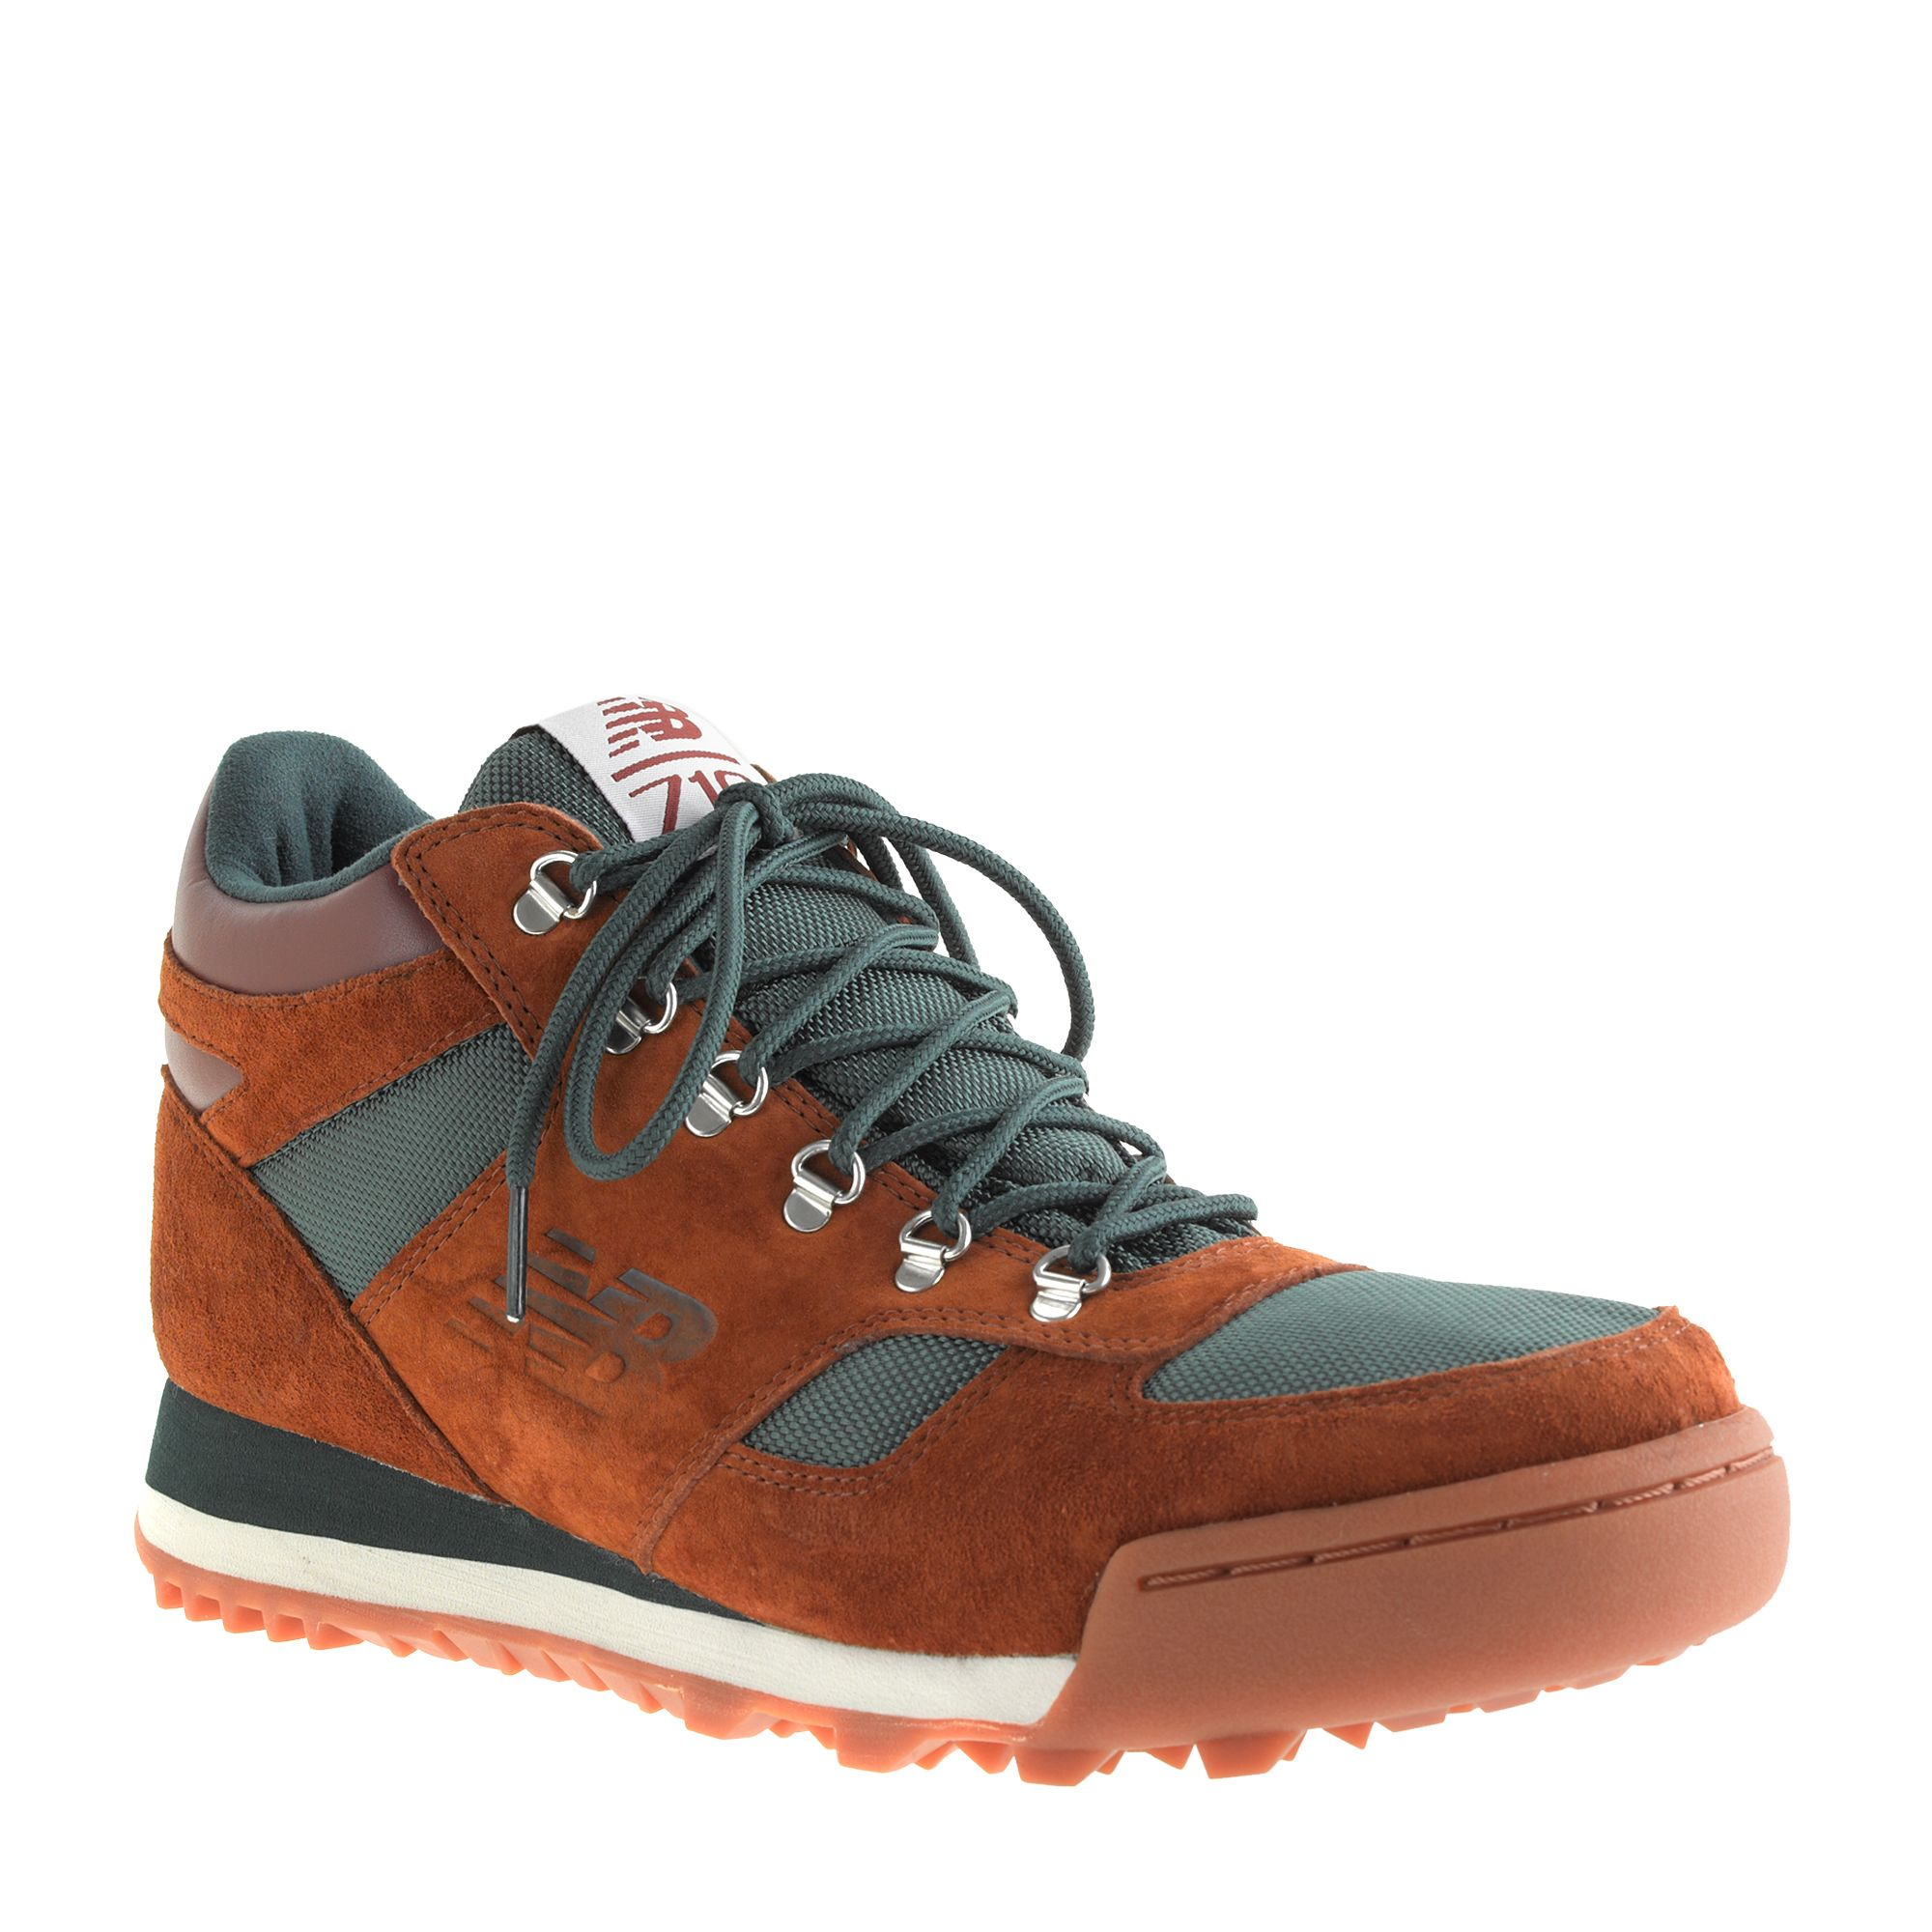 new balance h710 rainier hiker boots